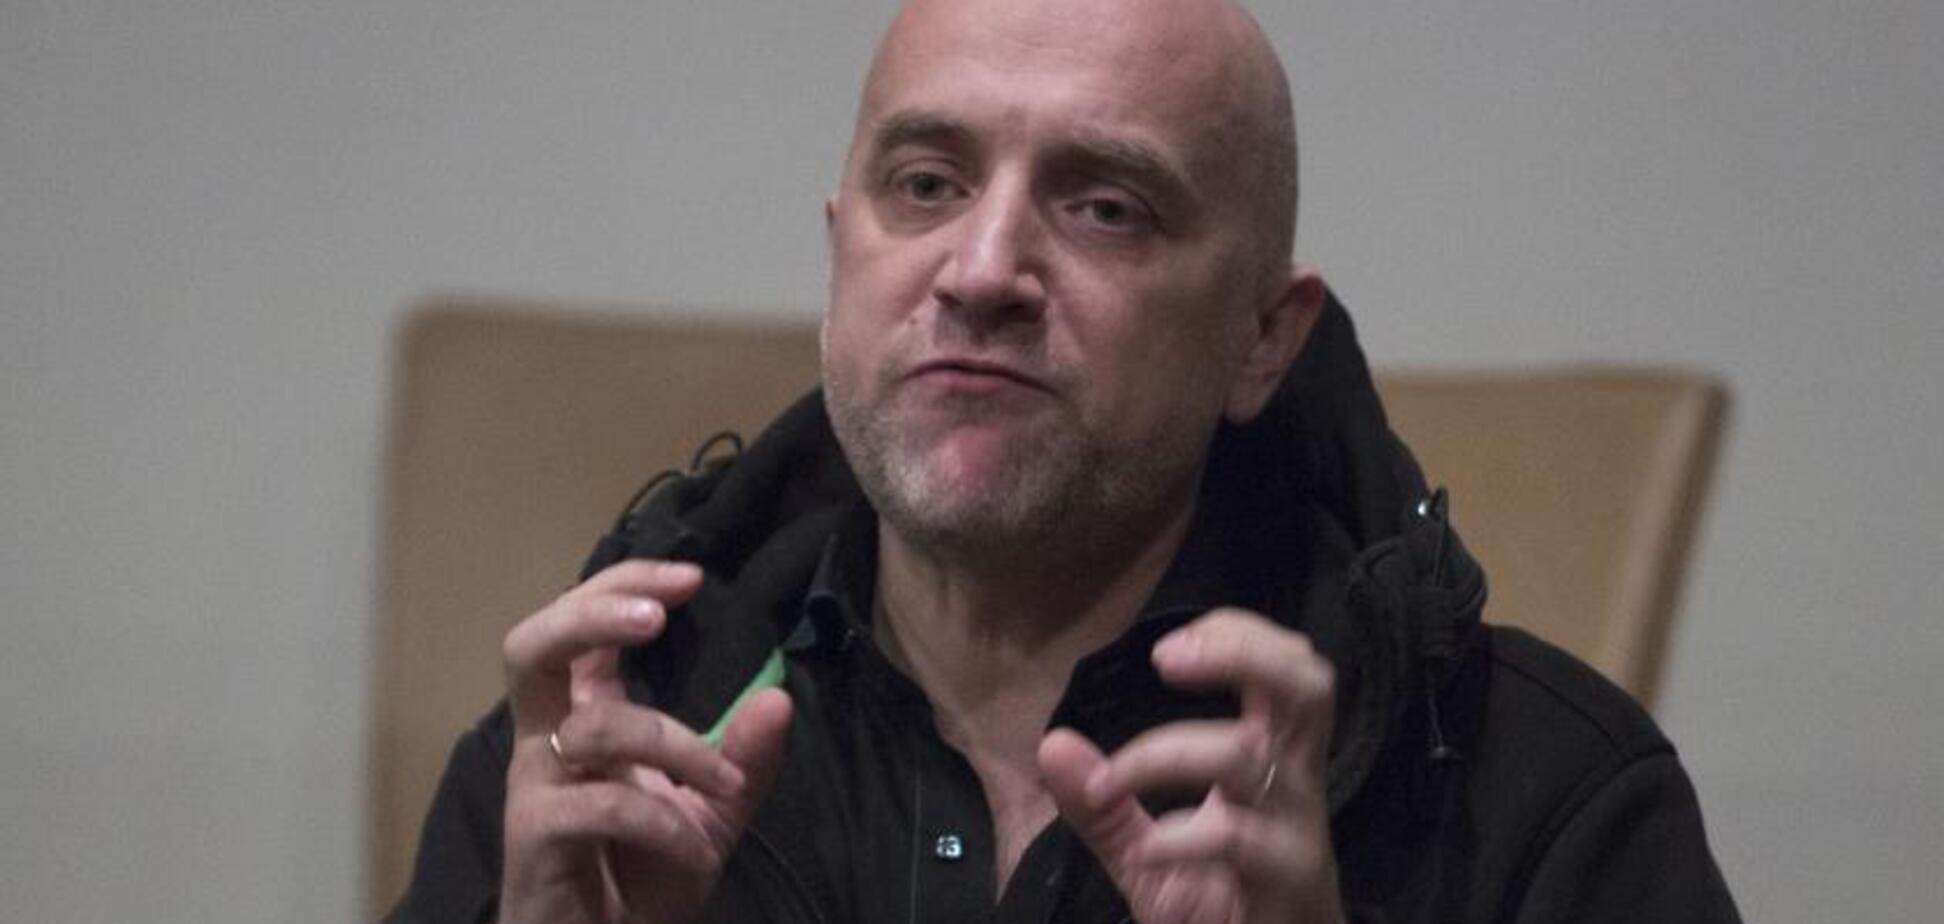 ''Ніколи не воював'': екс-ватажок ''ДНР'' спростував ''геройства'' Прилепіна на Донбасі